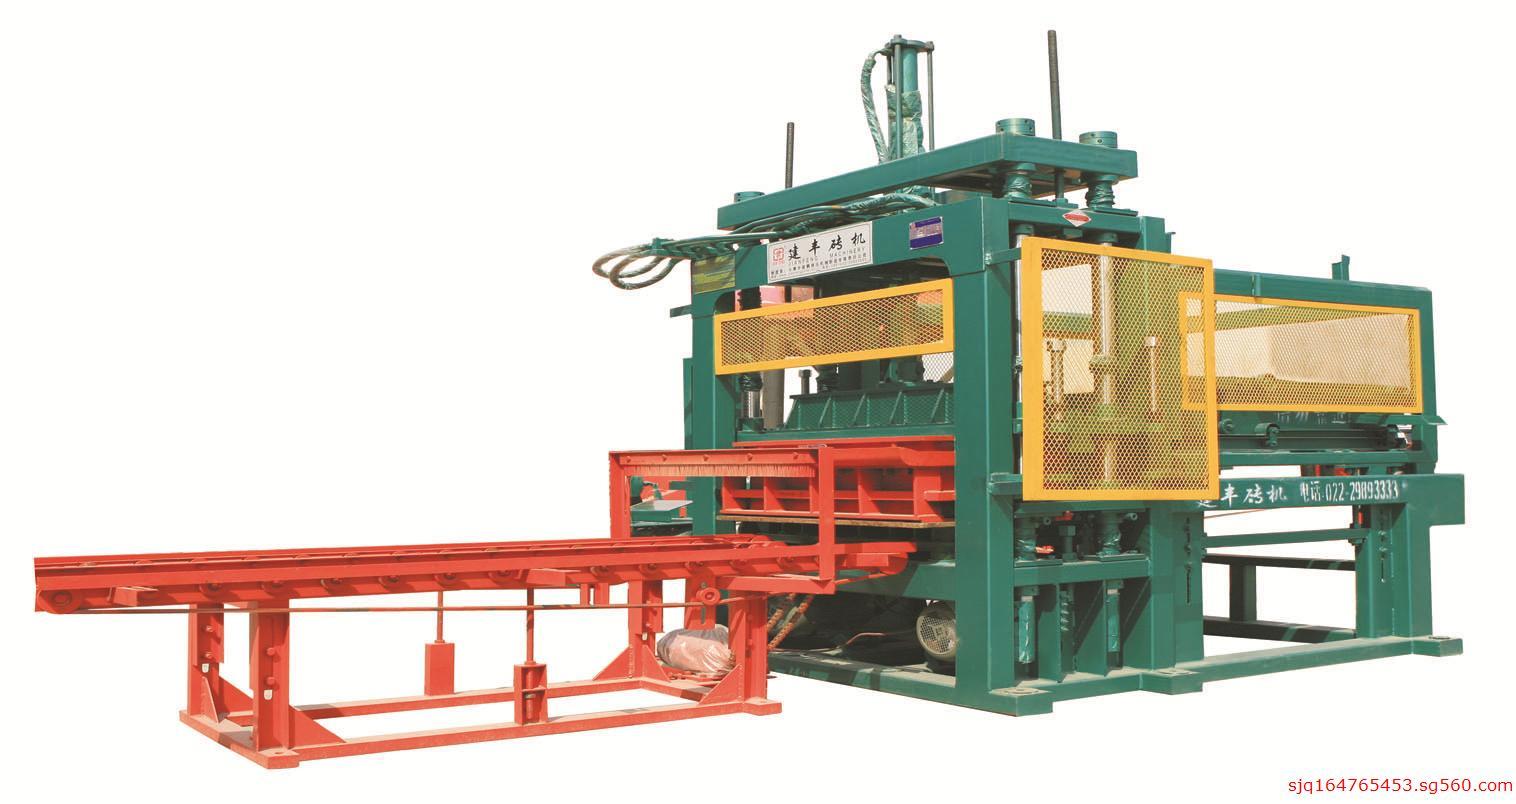 迁安最好的液压制砖机建丰免烧砖机空心制砖机各种液压制砖机大全图片